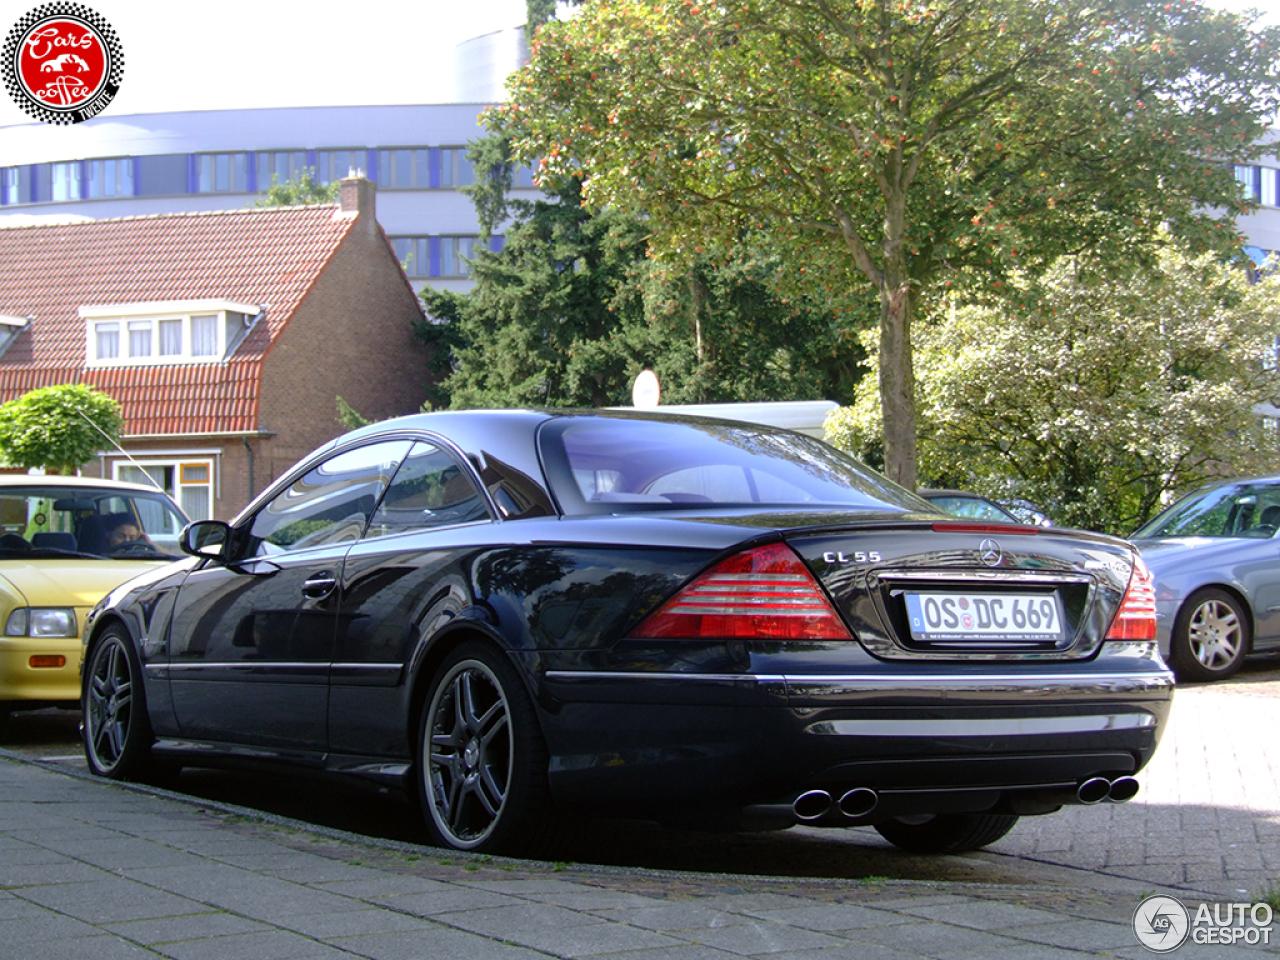 Mercedes benz cl 55 amg c215 kompressor 3 september 2015 for Mercedes benz cl 55 amg